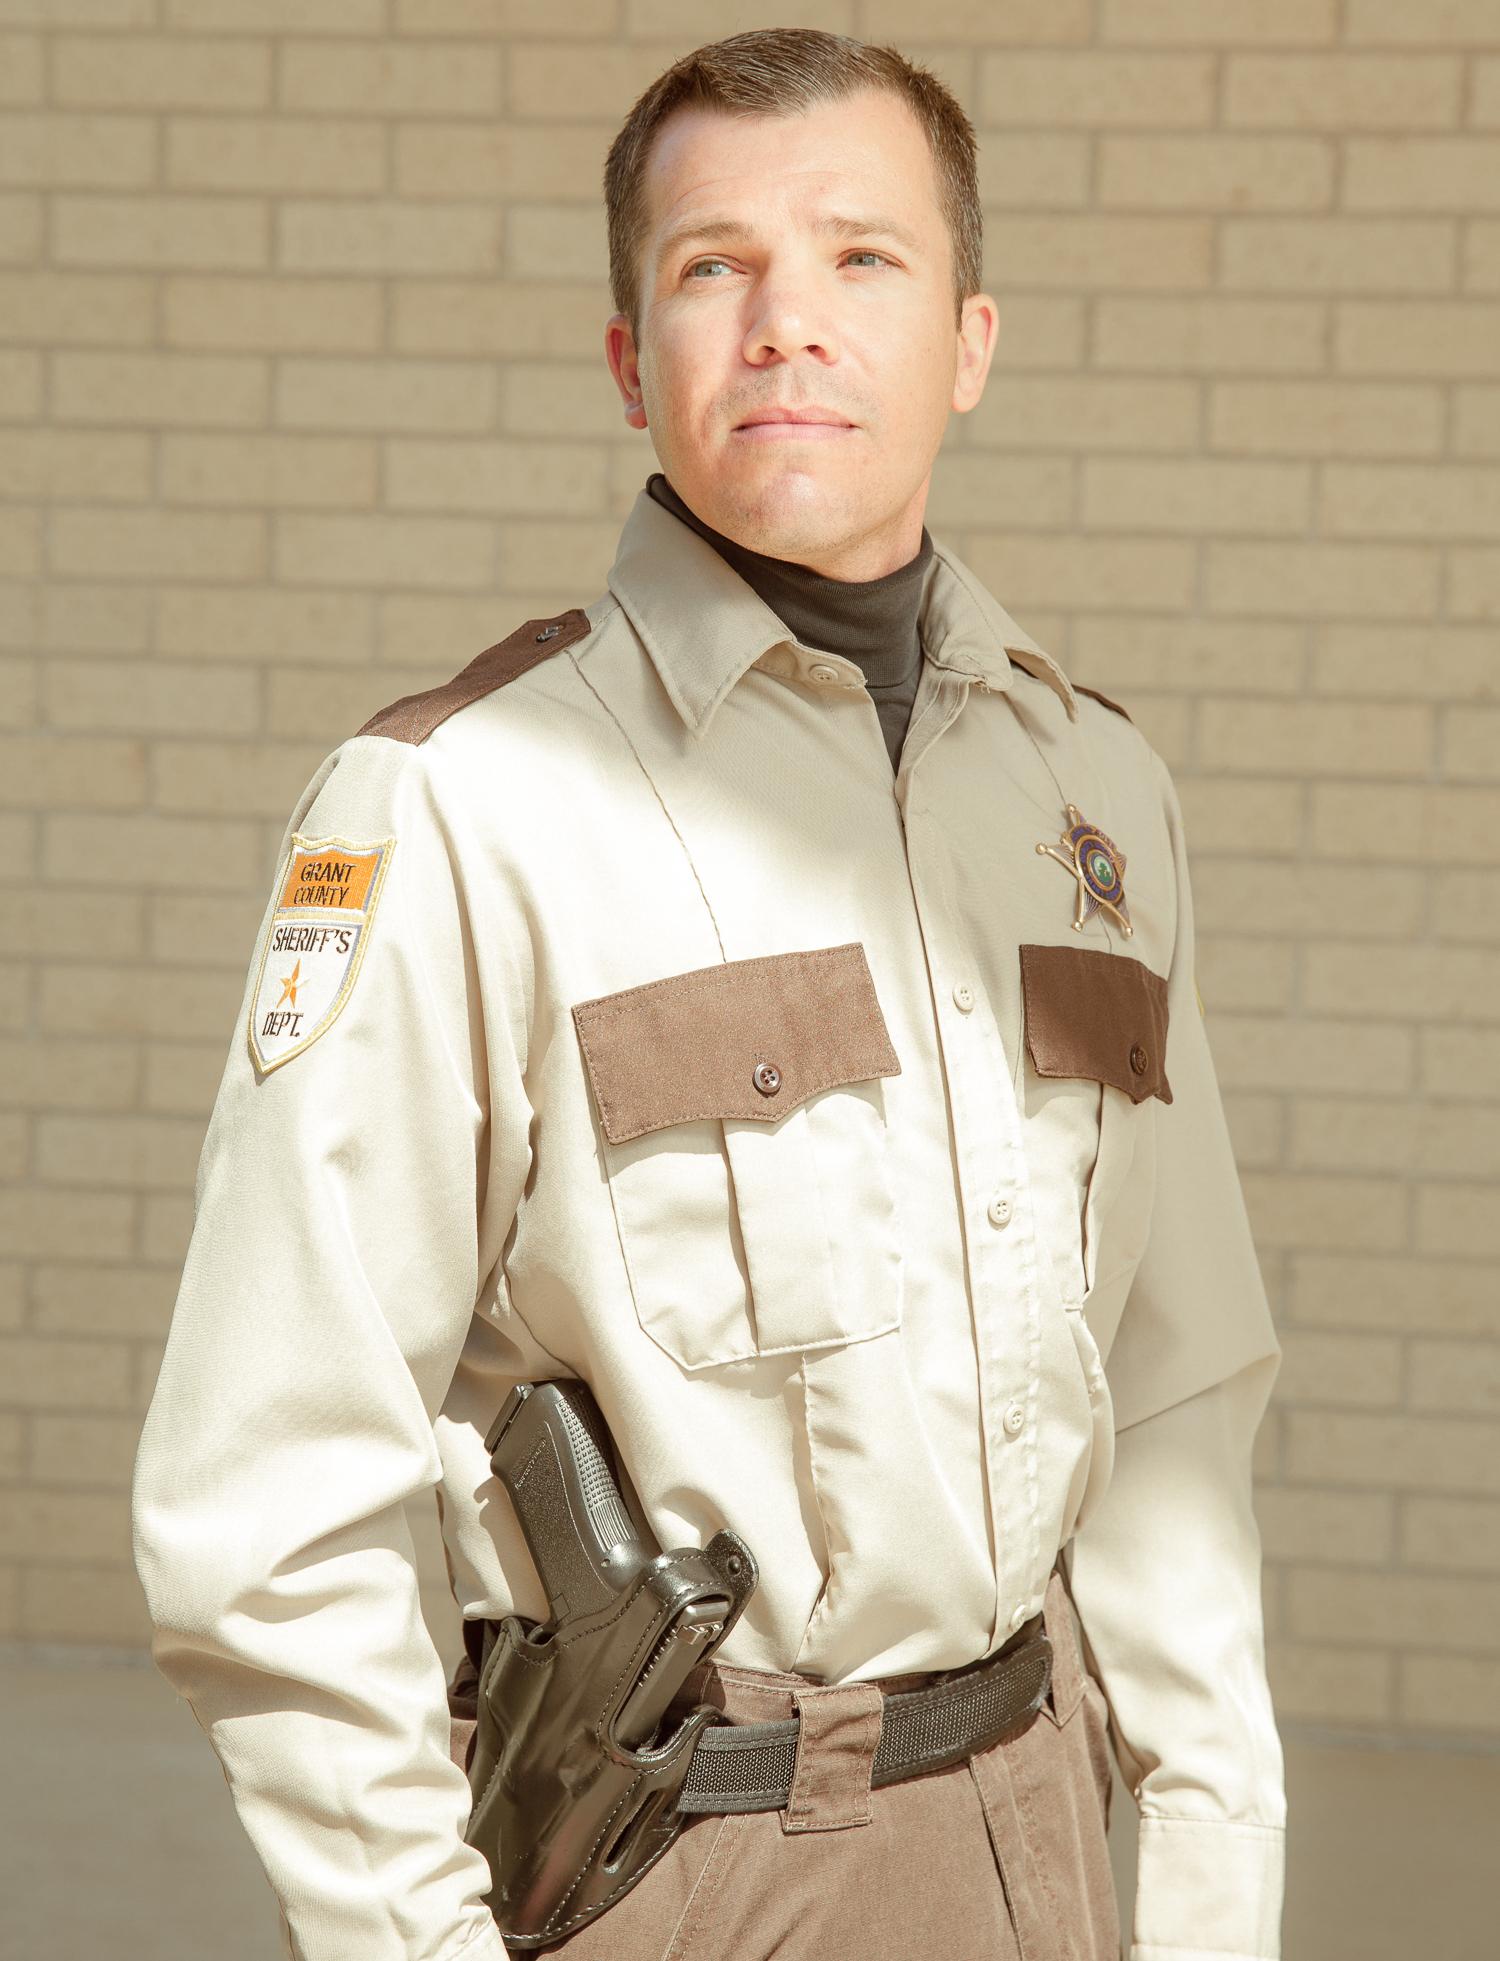 Deputy John Foss